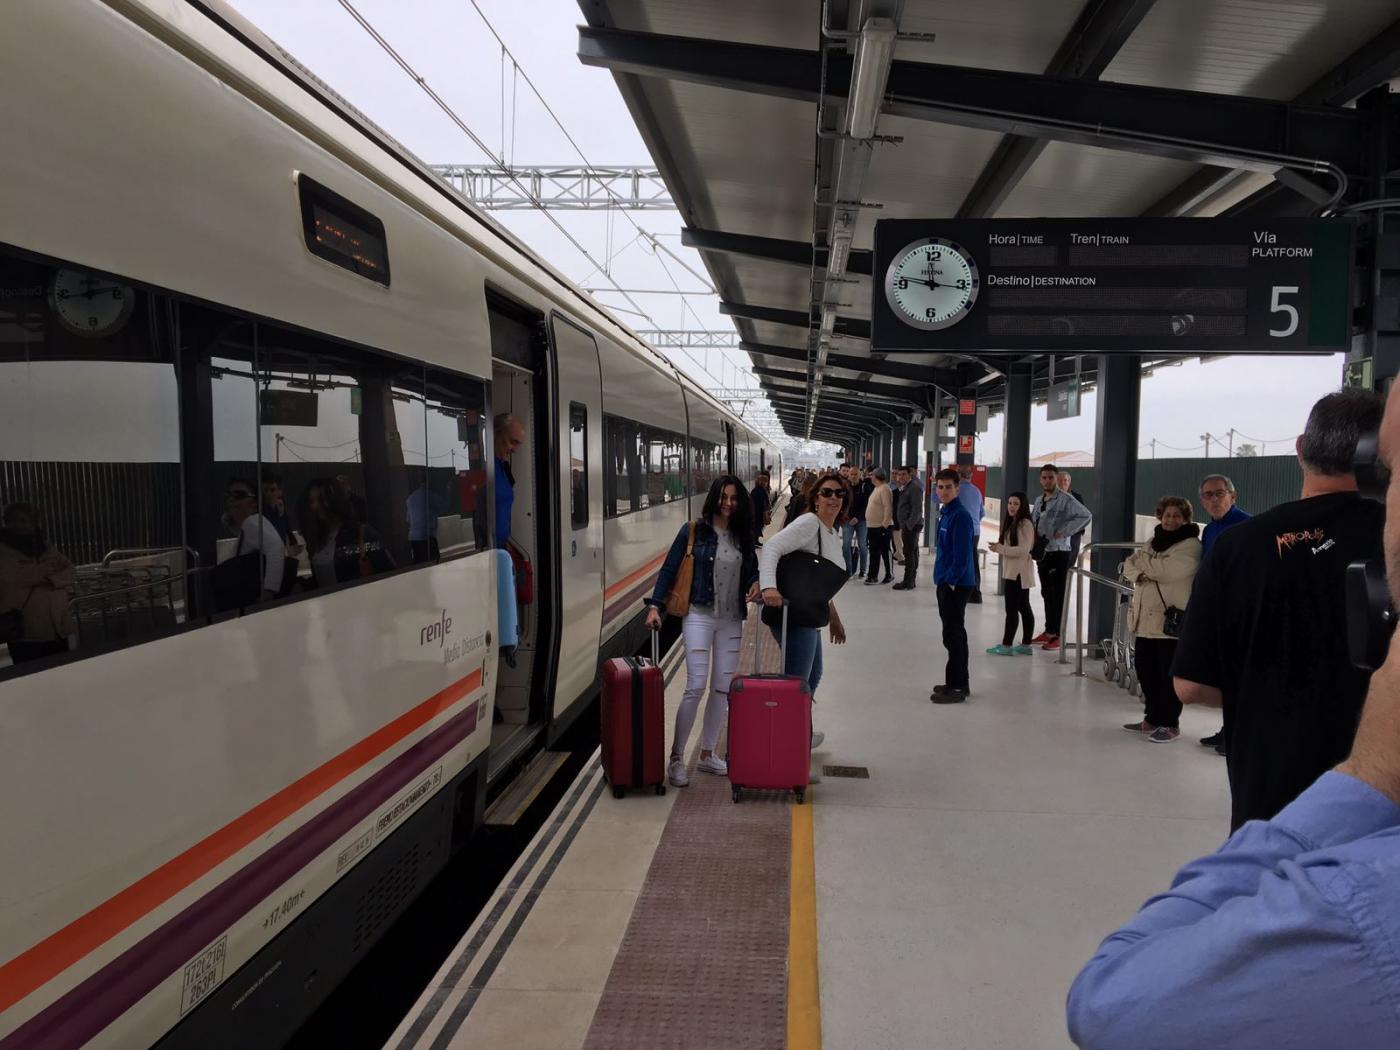 El Ministro De Fomento Inaugura El Jueves La Nueva Estación De Tren Andalucía Información Las Noticias De Punta Umbría